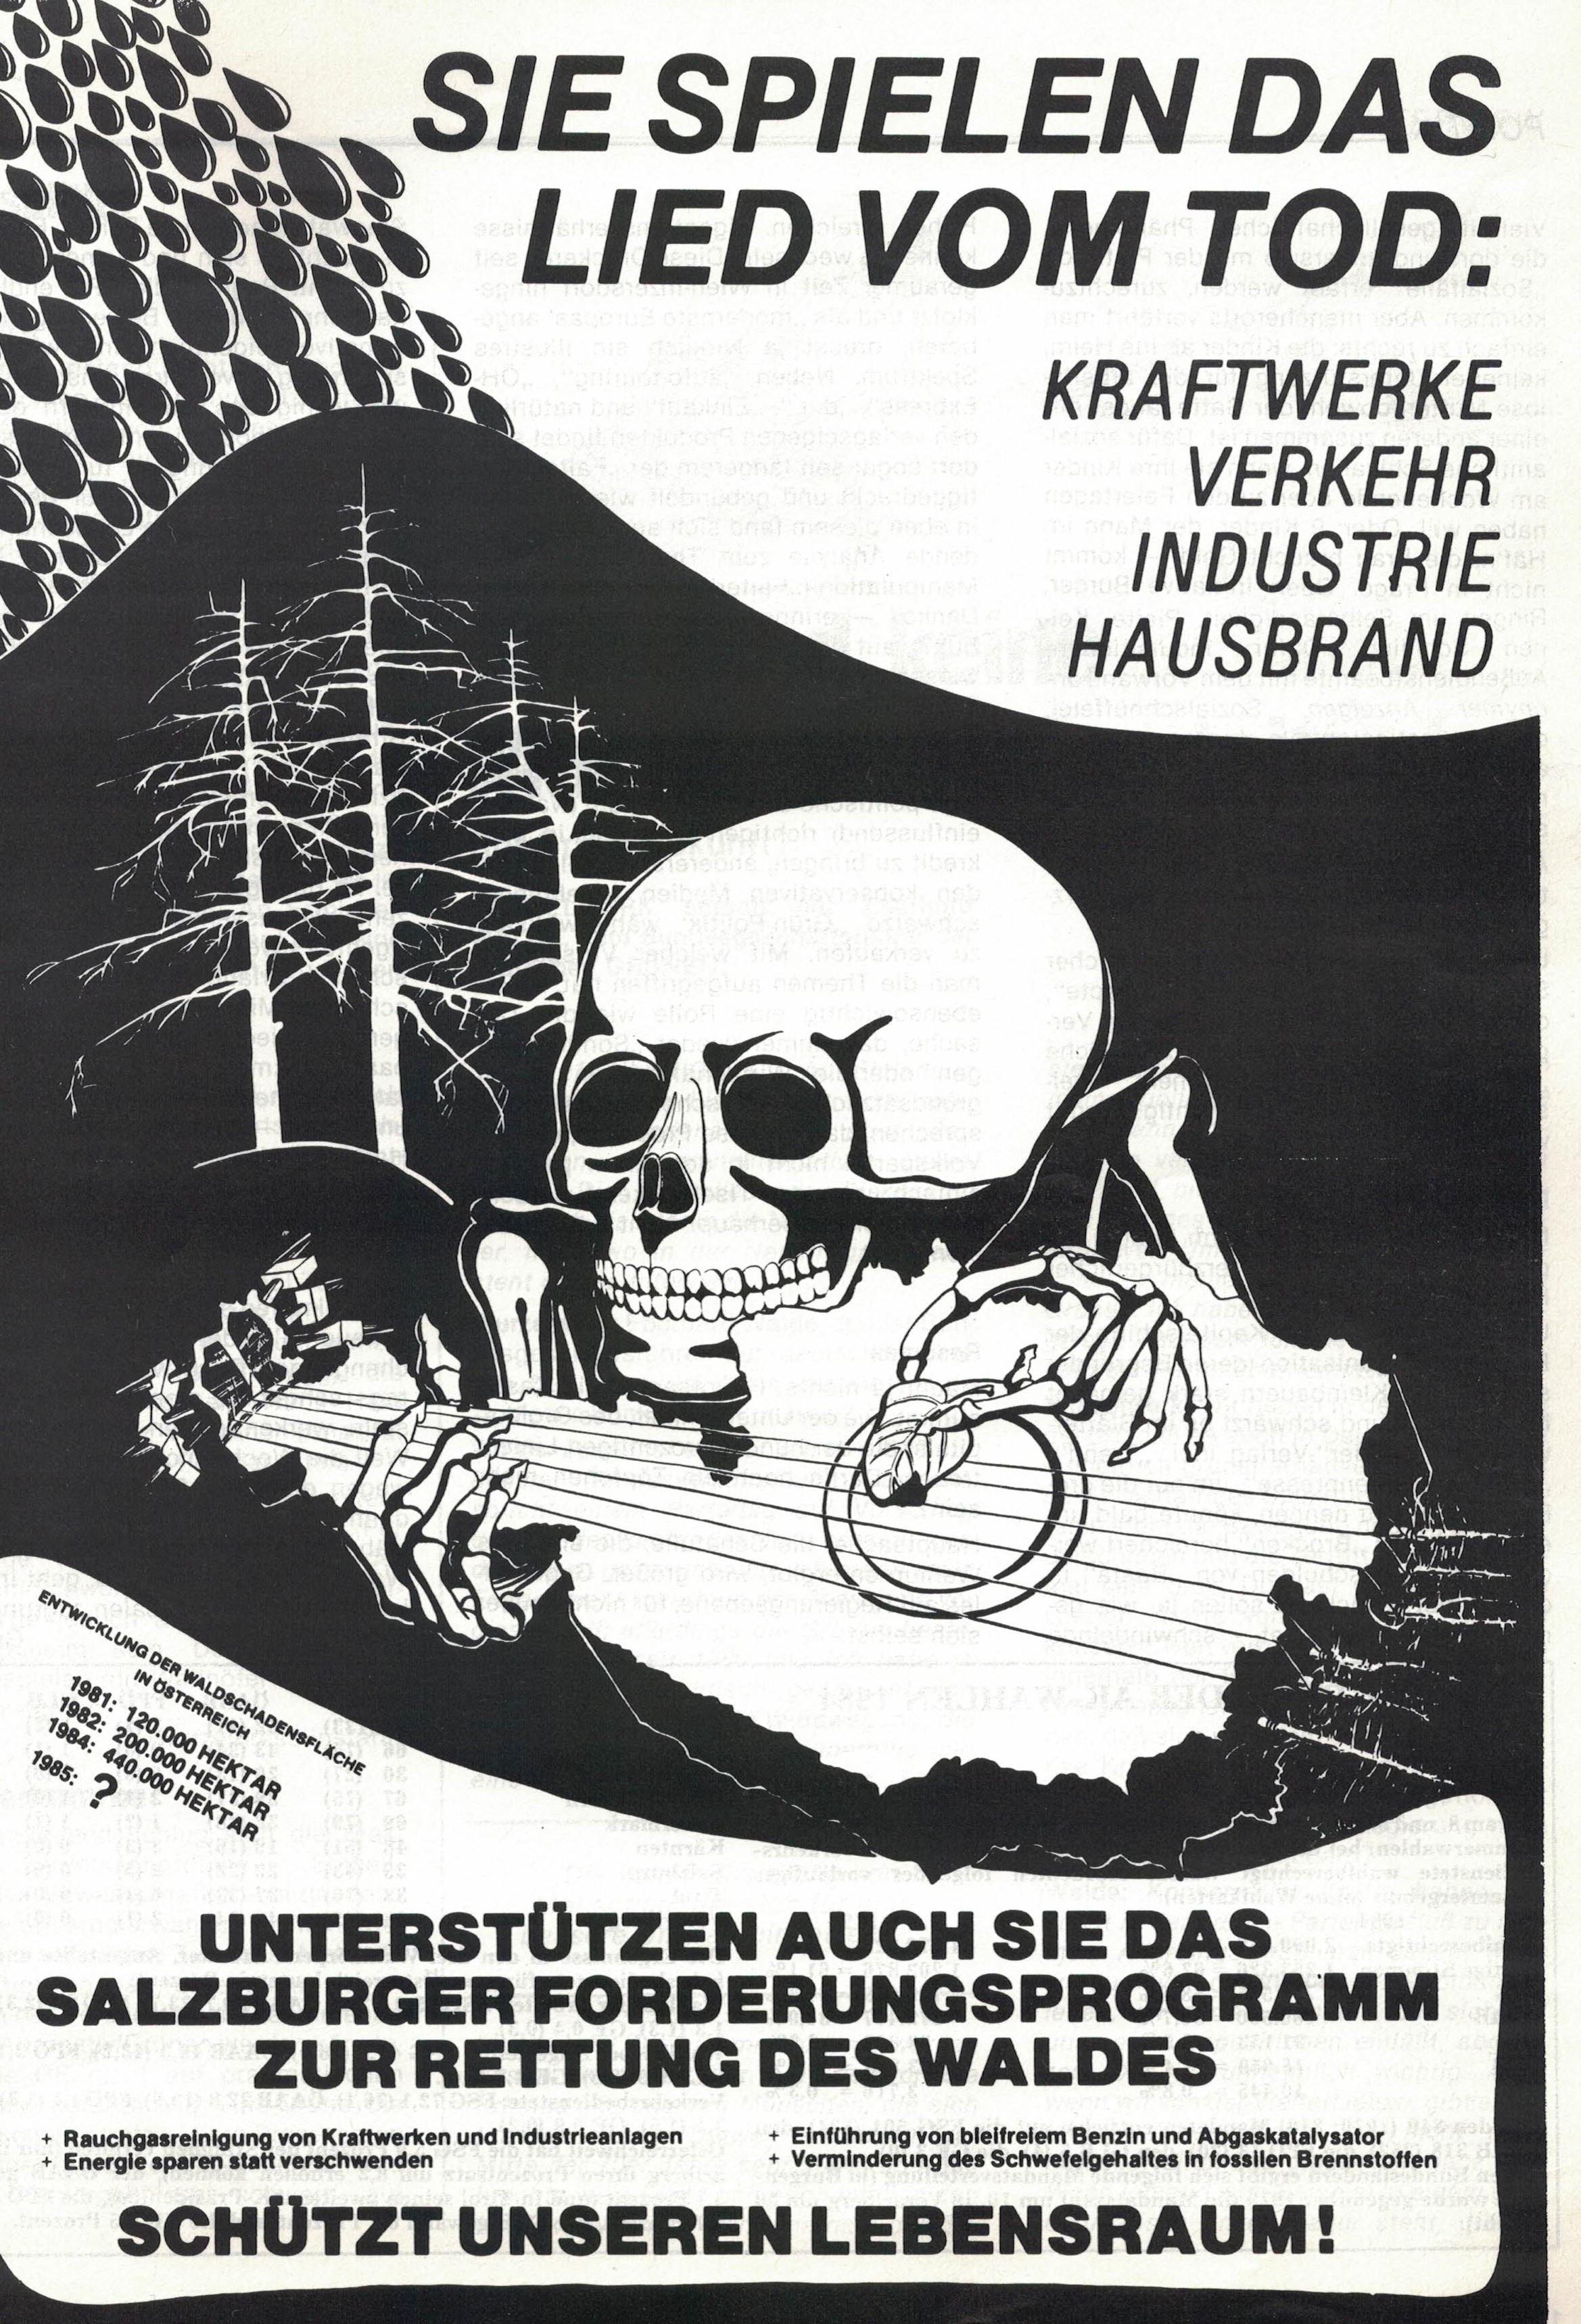 Waldsterben. Sie spielen das Lied vom Tod: Kraftwerke, Verkehr, Industrie, Hausbrand.